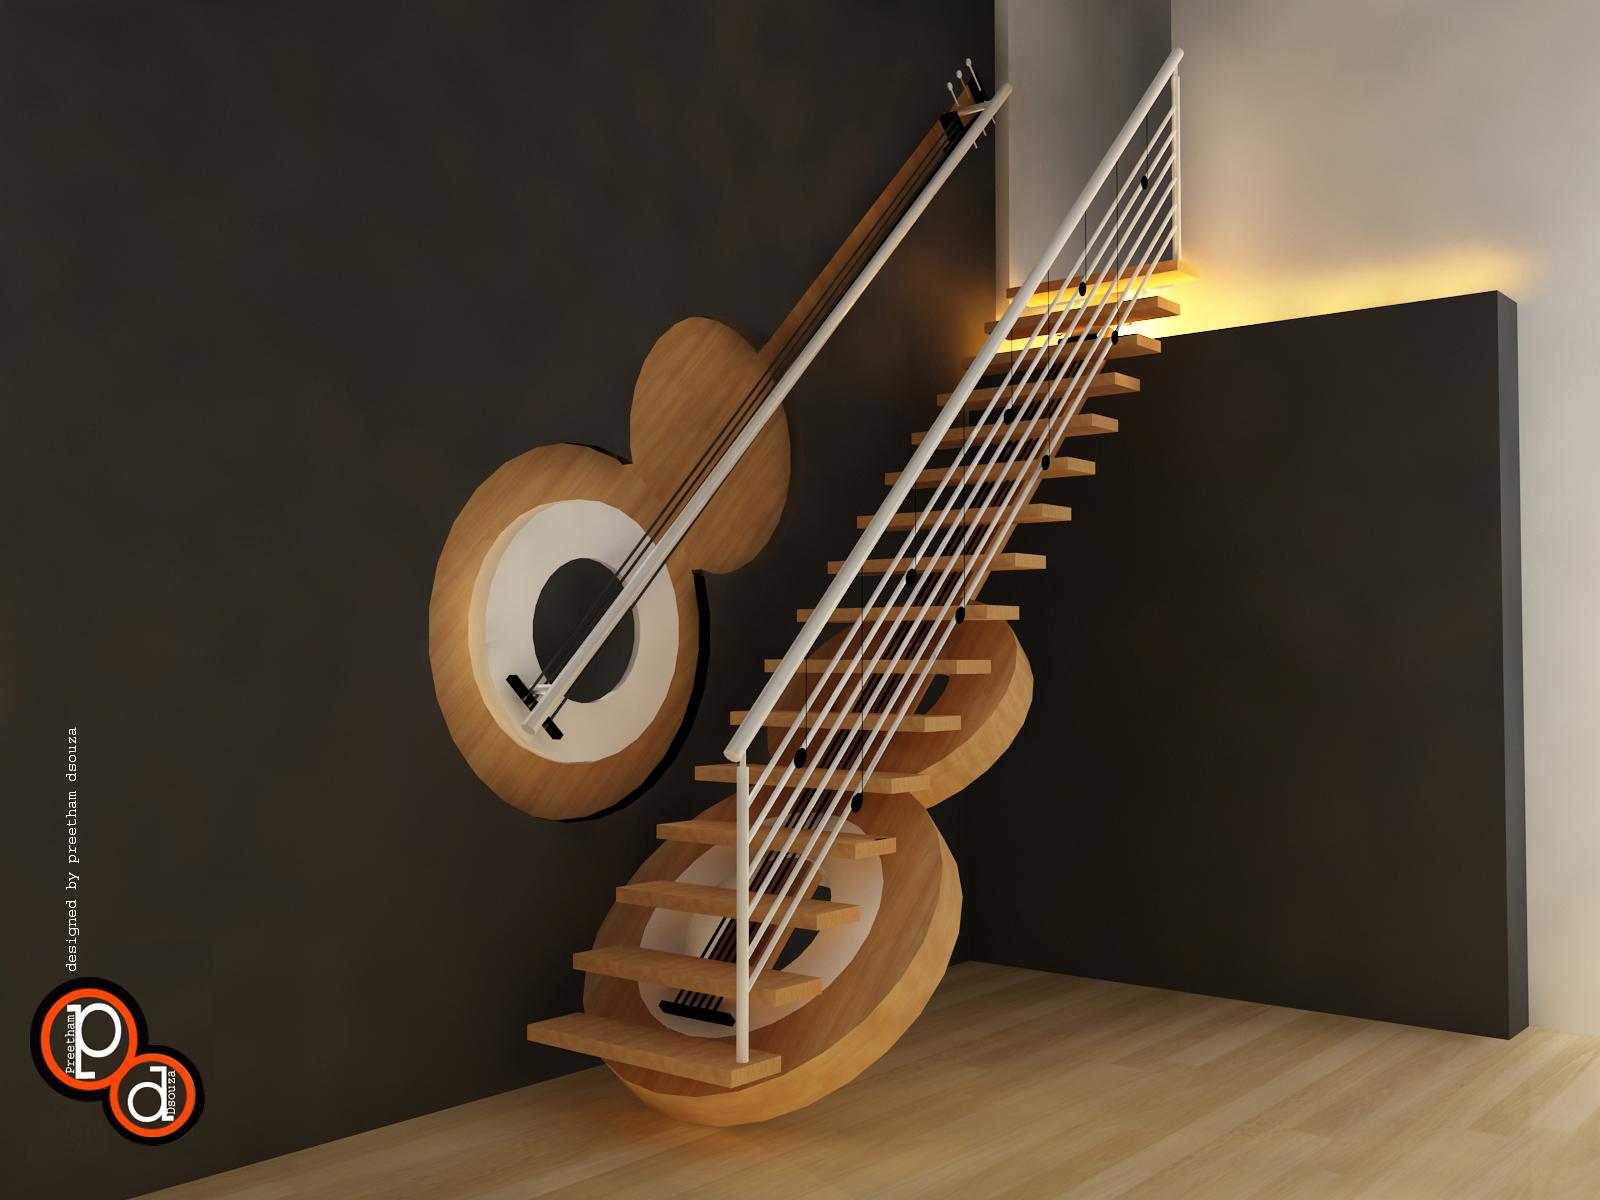 Staircase design- concept guitar